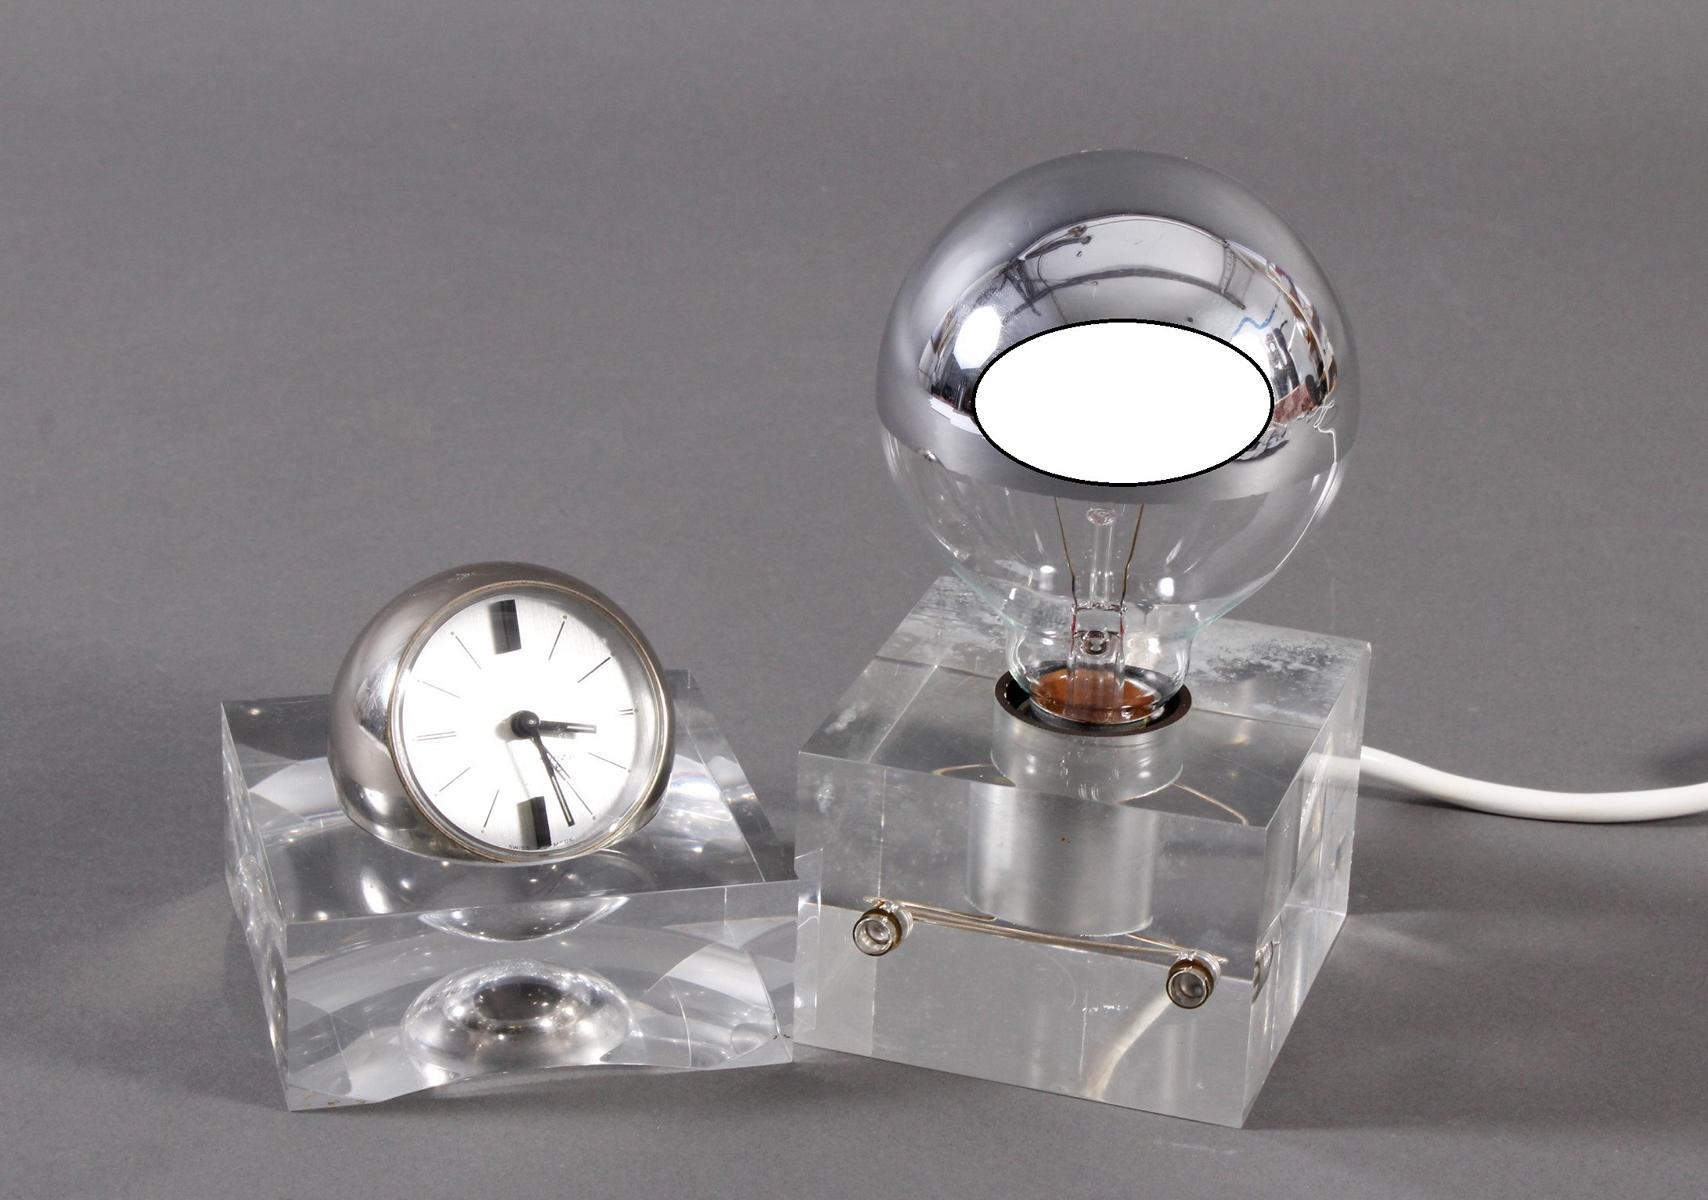 Nachttisch-Lampe und Uhr, Design aus den 70er Jahren